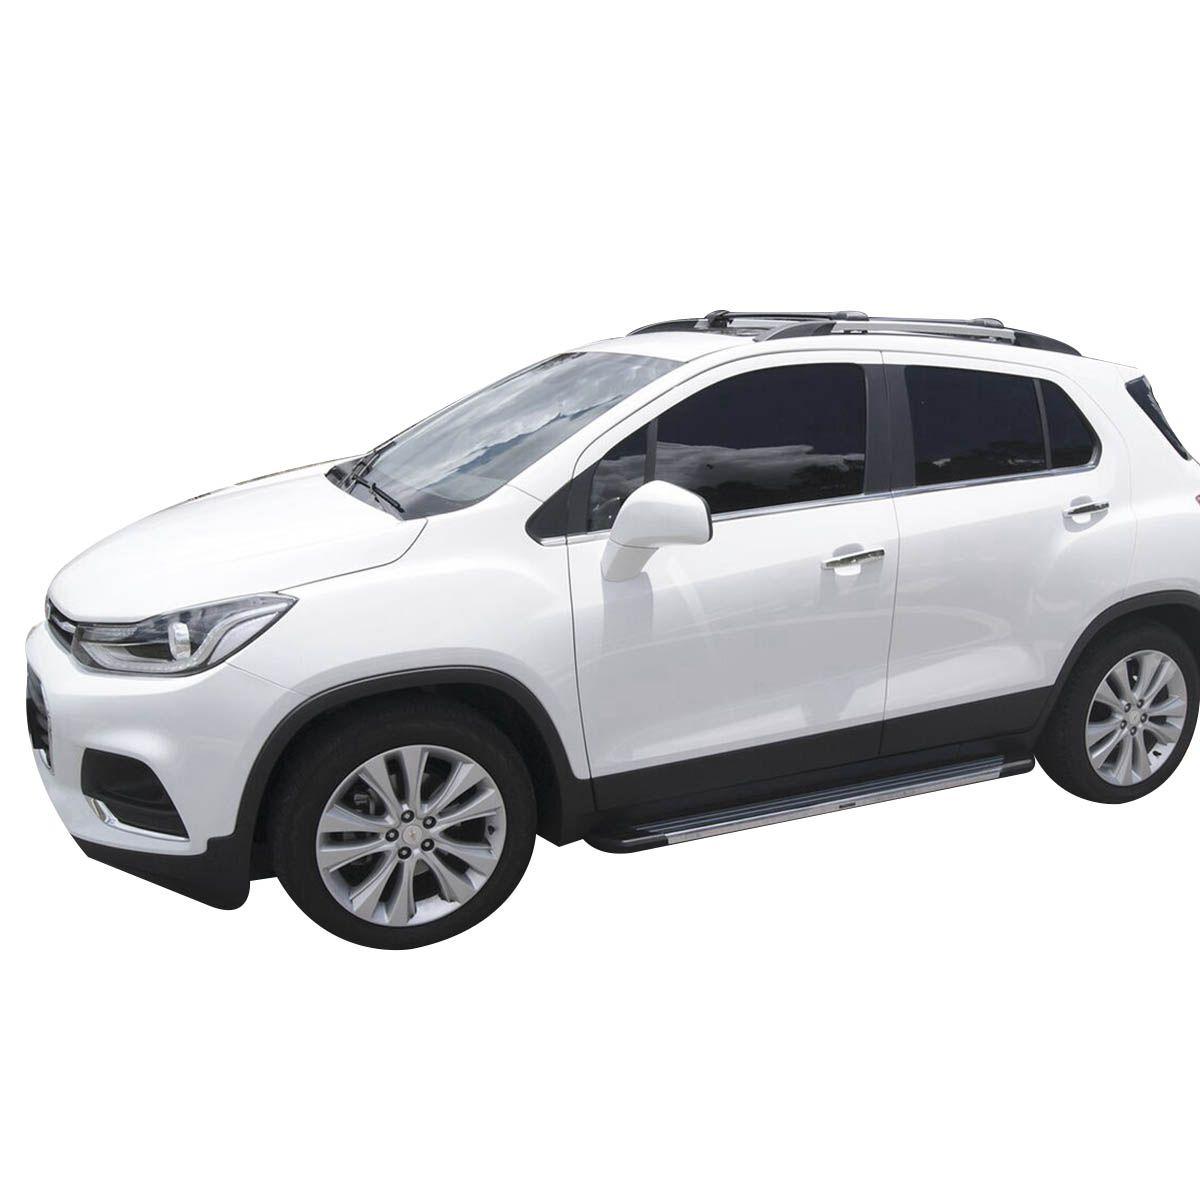 Estribo Bepo SUV 2 alumínio polido Sportage 2011 a 2016